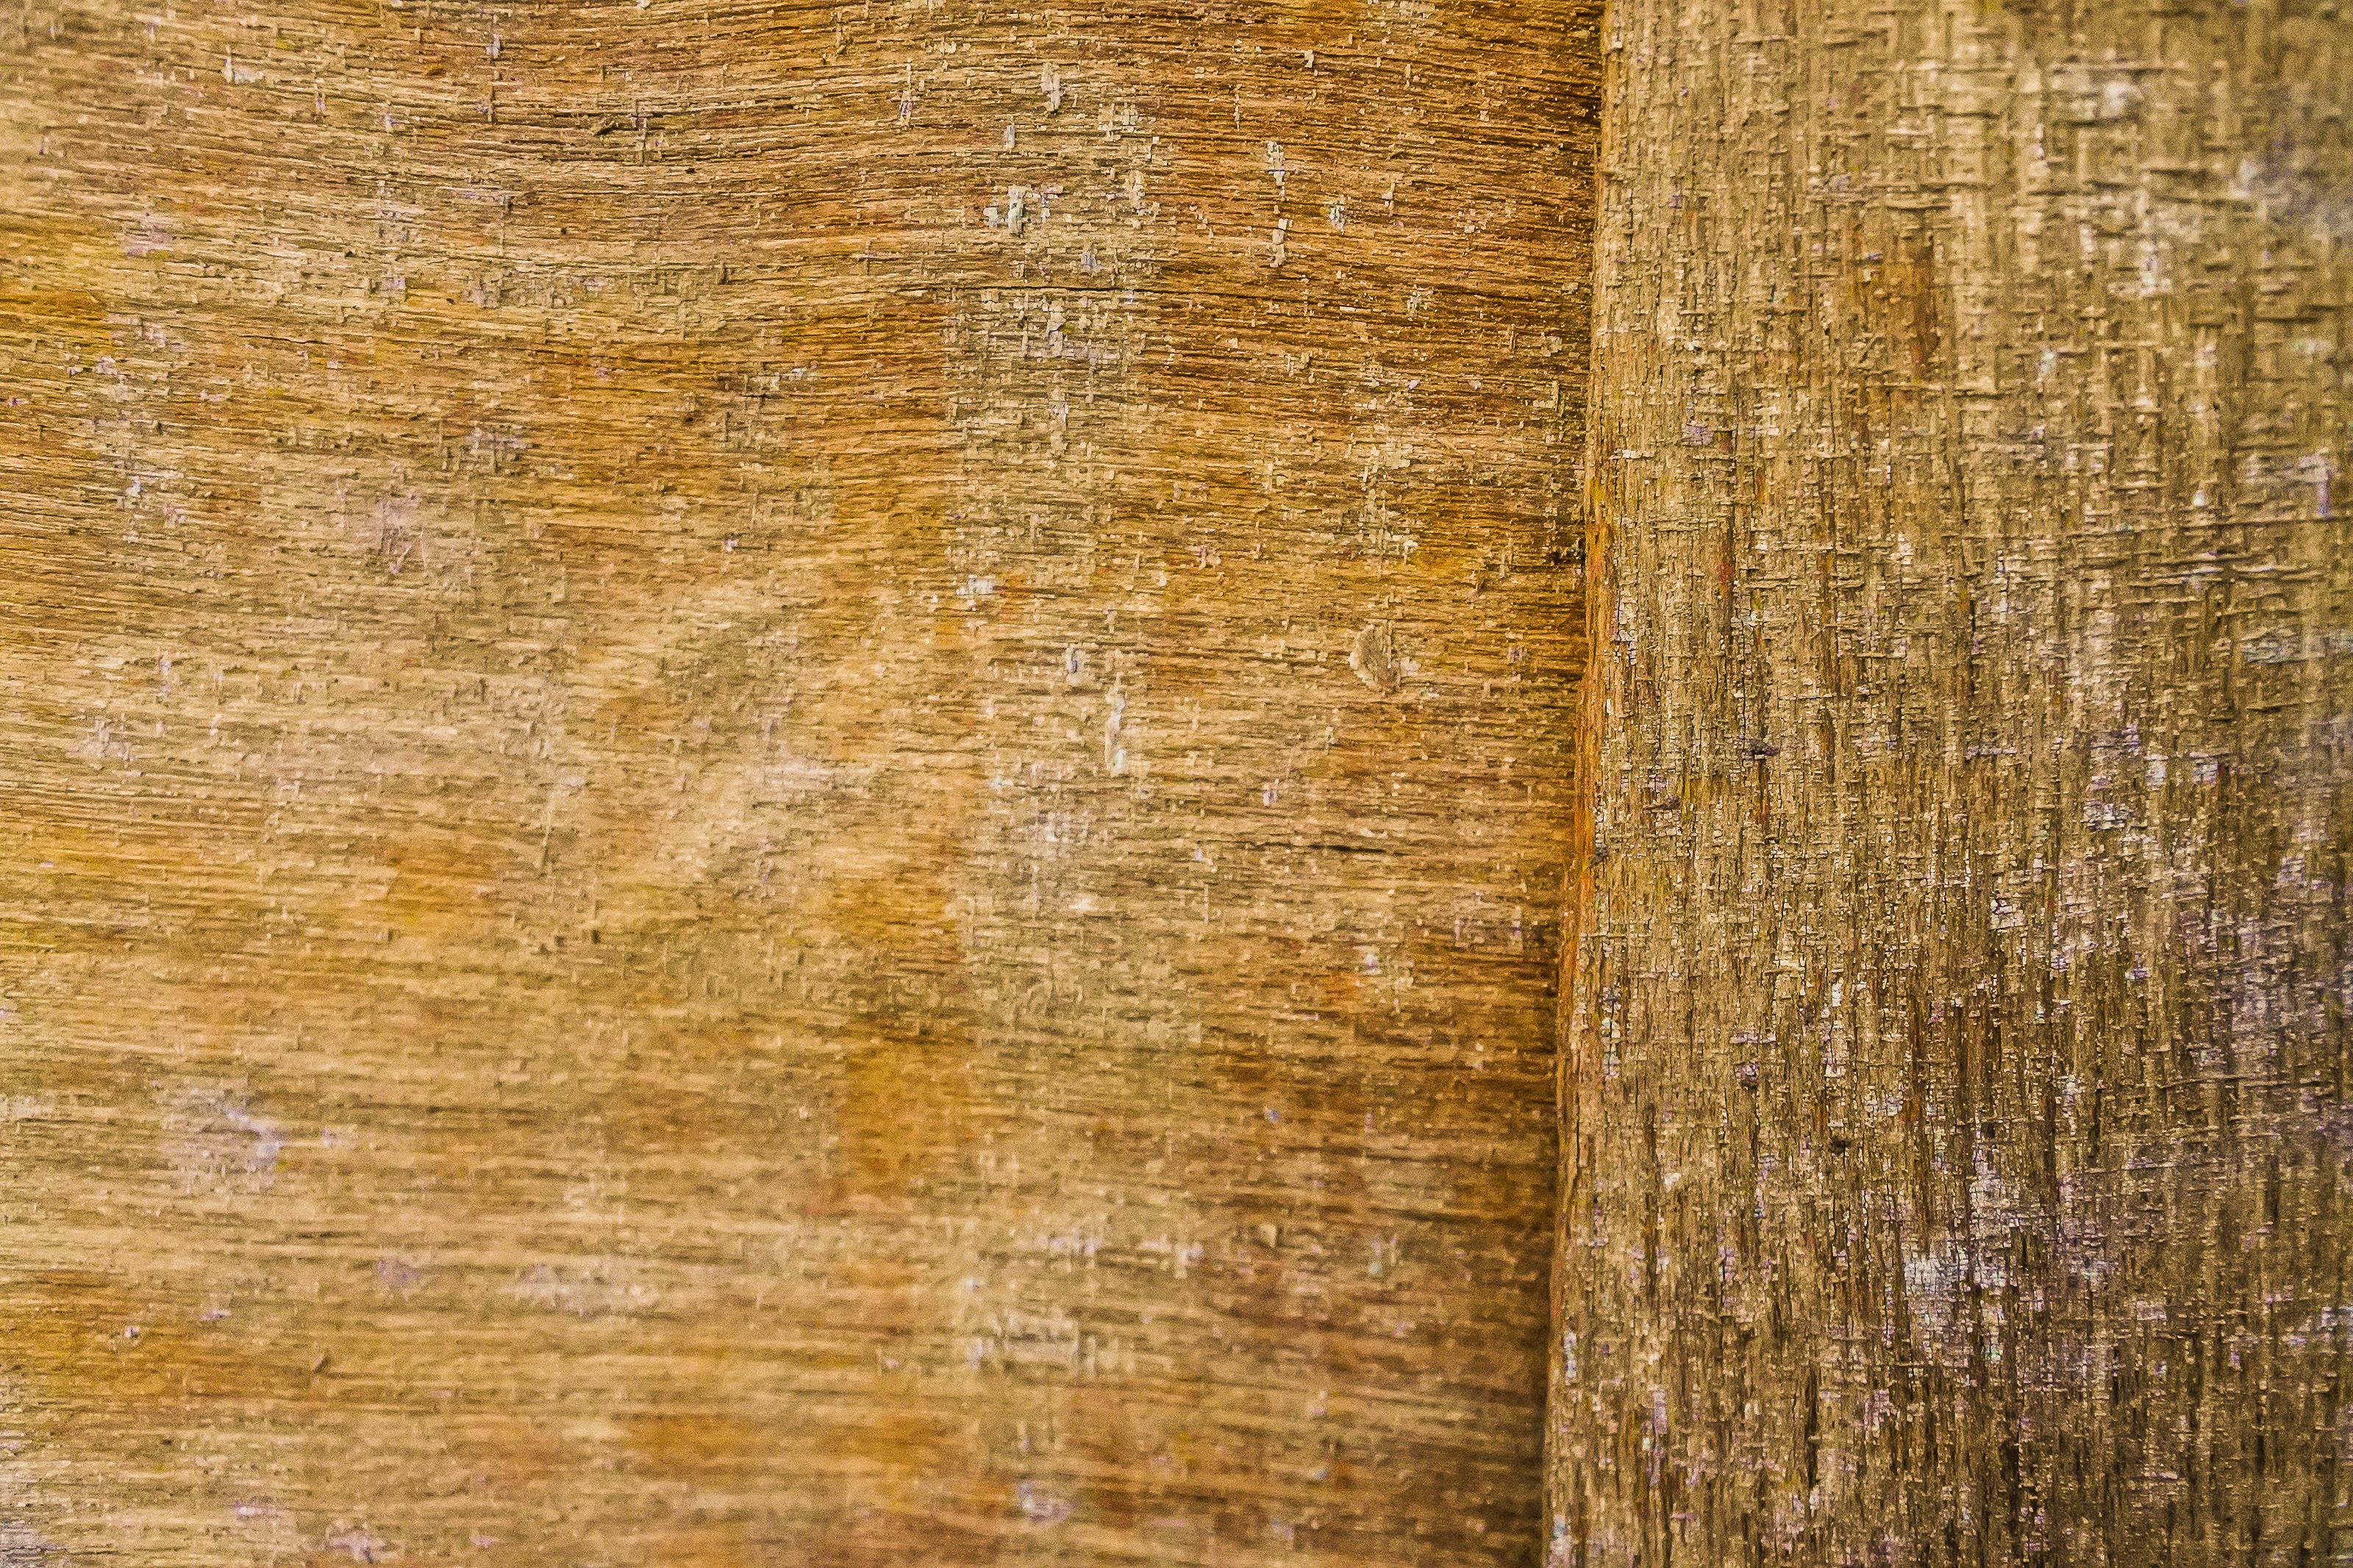 Immagini Belle Anziano Fienile Tavola Marrone Falegname Costruzione Ponte Mobilia Grano Legno Duro Industria Interno Laminato Materiale Vecchio Pannello Parquet Ruvido Rustico Superficie Tavolo Struttura Legname Parete Sfondo